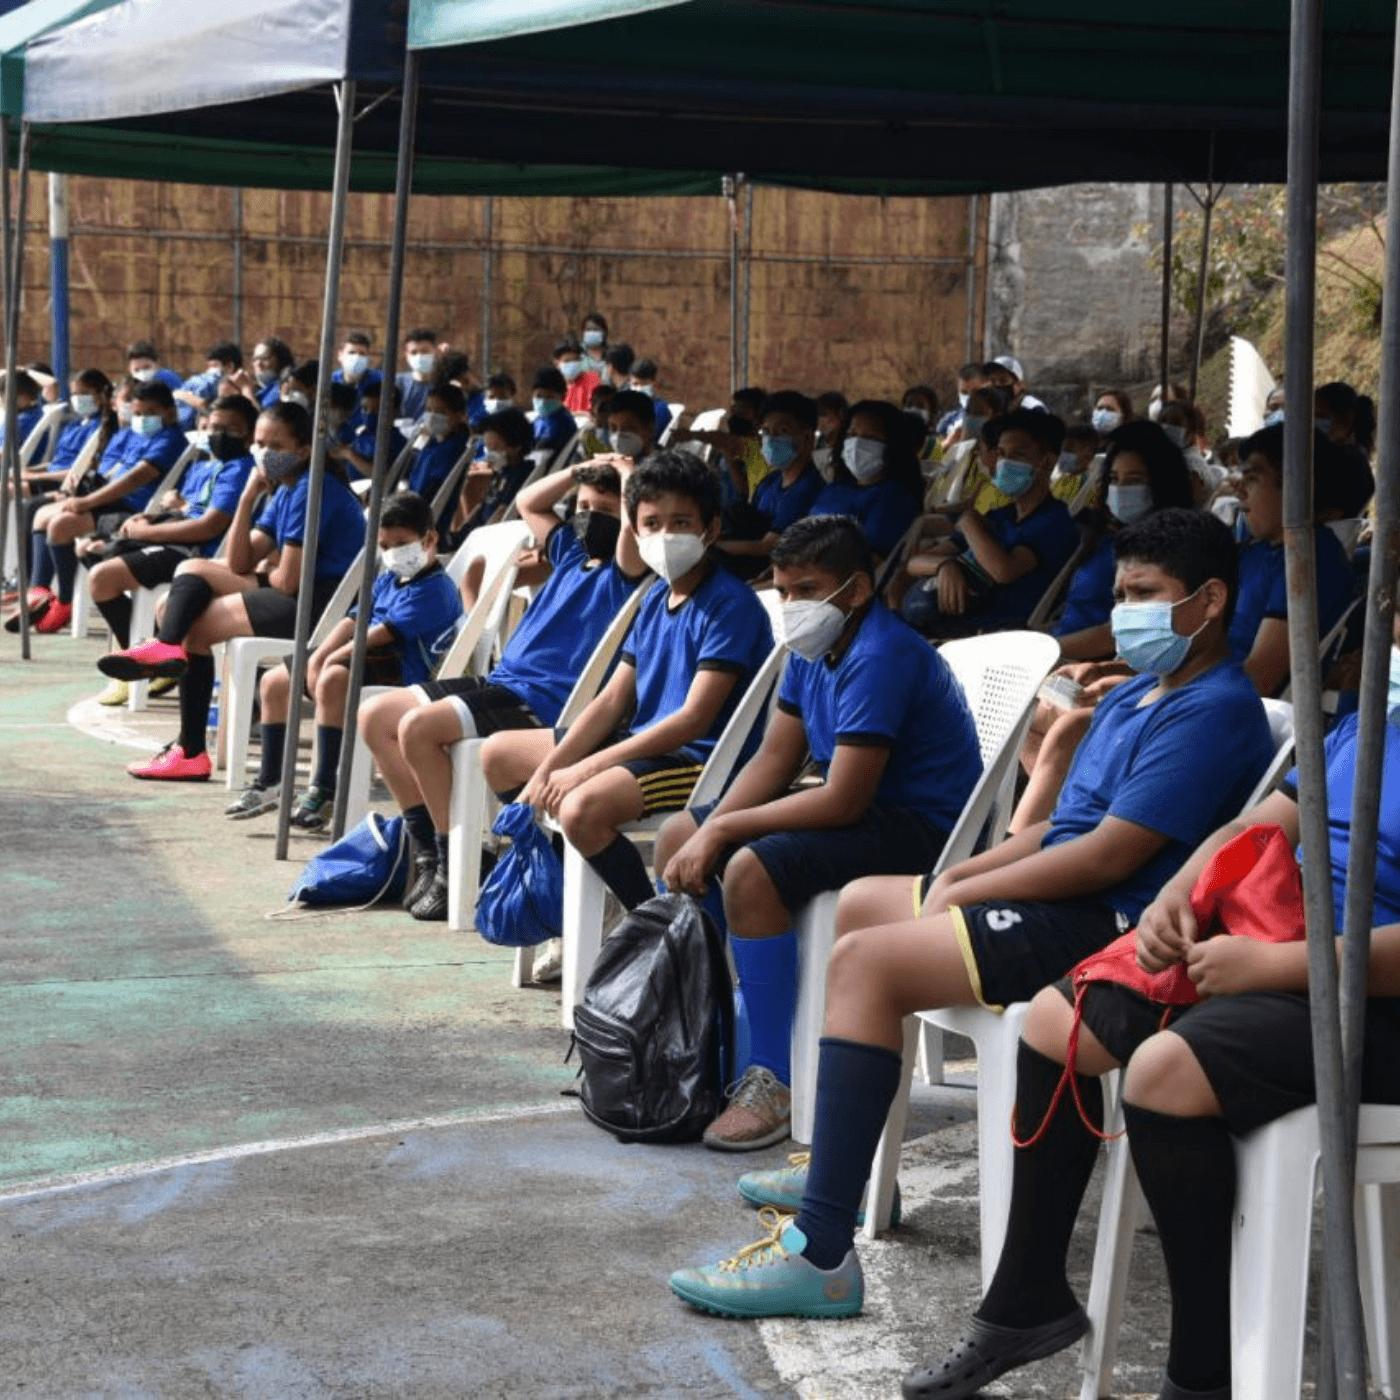 La Educación En Santa Tecla Un Referente En El Salvador. Niños deporte. Fotografía. Roberto d'Aubuisson. 2021